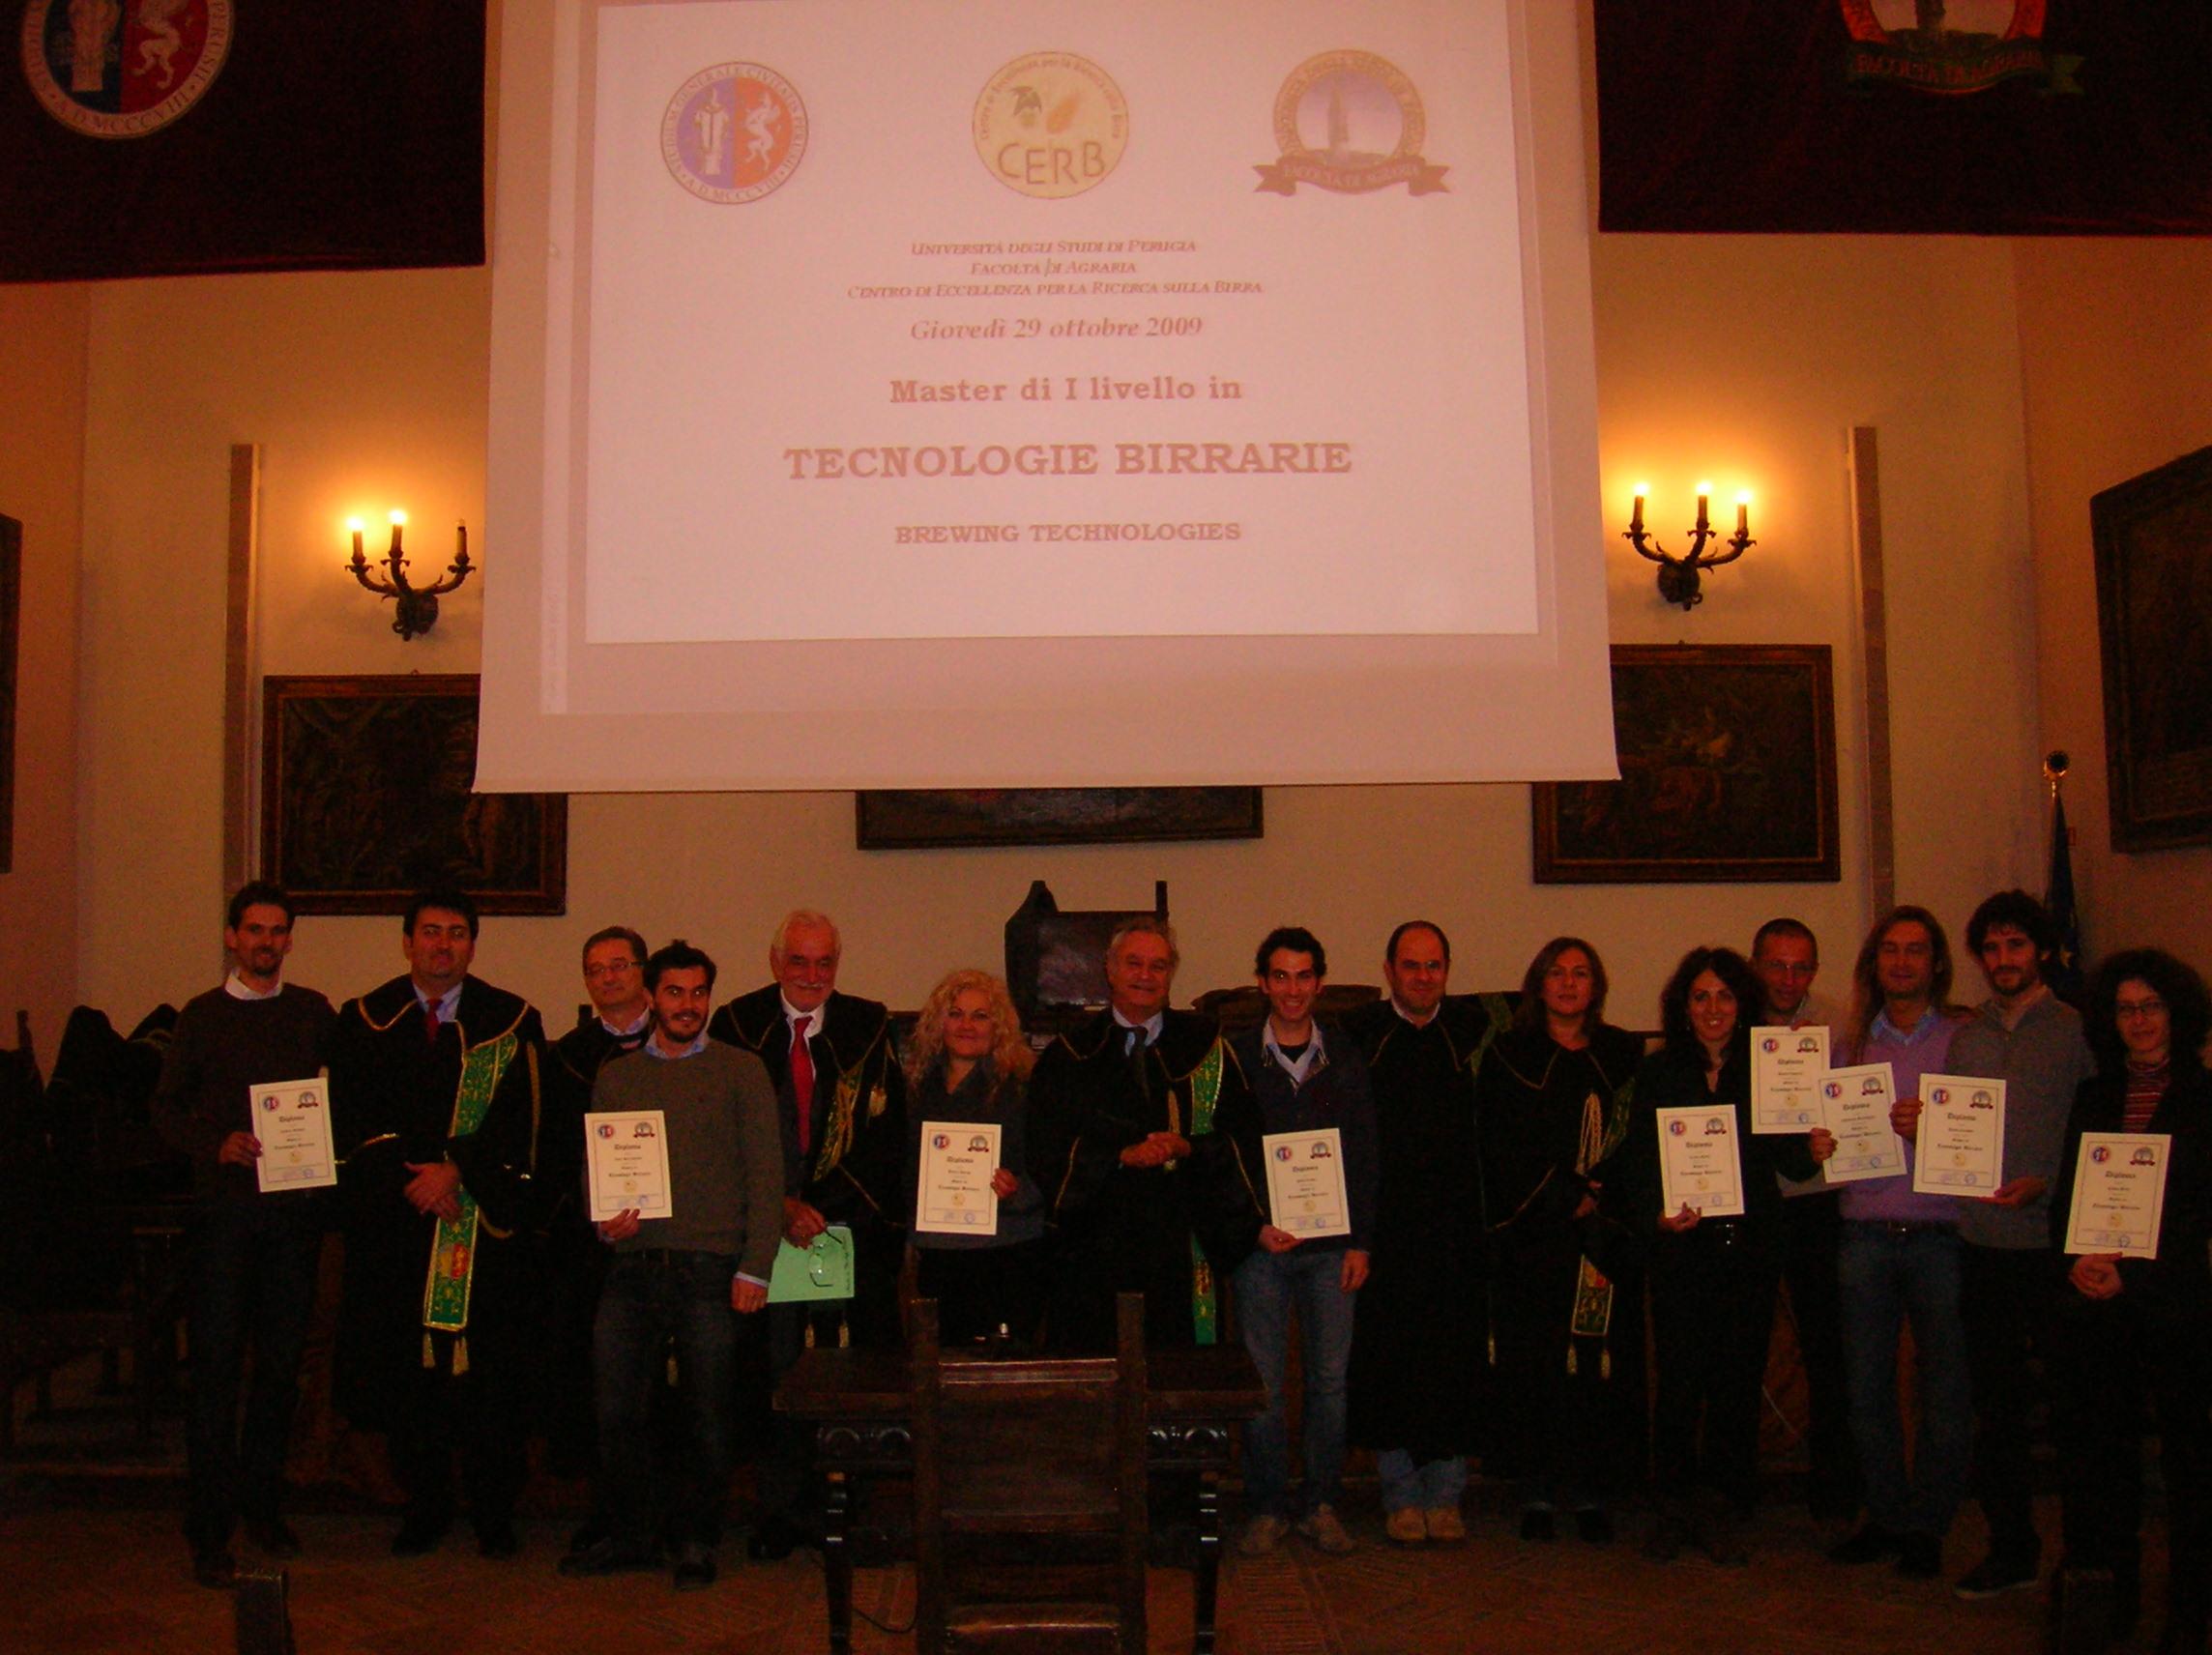 """Master universitario in """"Brewing Technologies"""" a Perugia: la scuola di formazione dei mastri birrai 100% italiana!"""